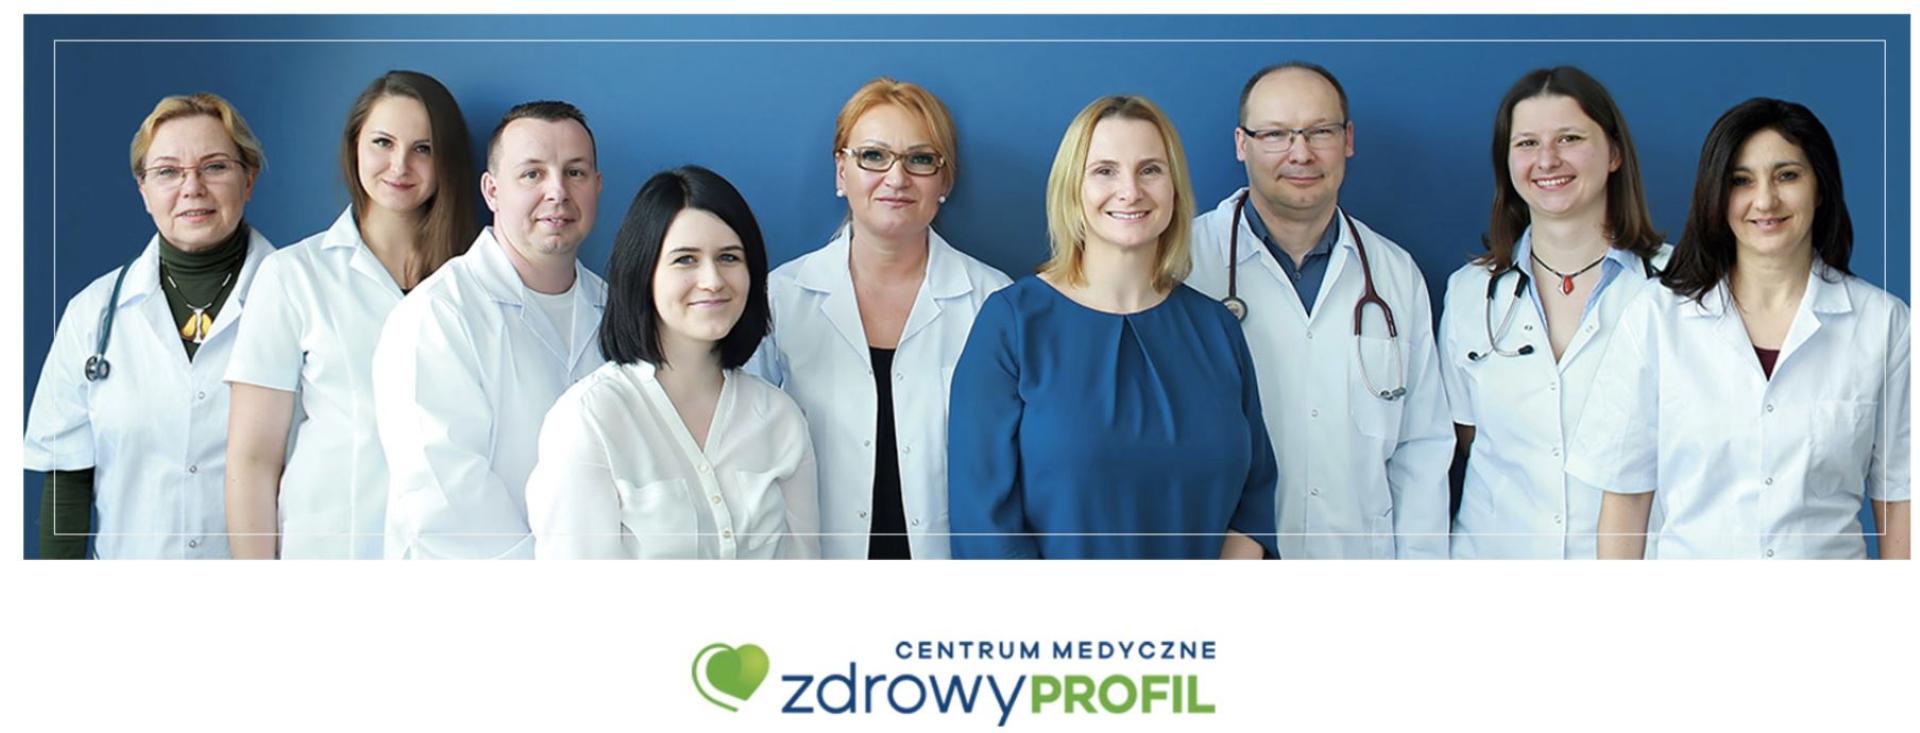 Centrum Medyczne Zdrowy Profil